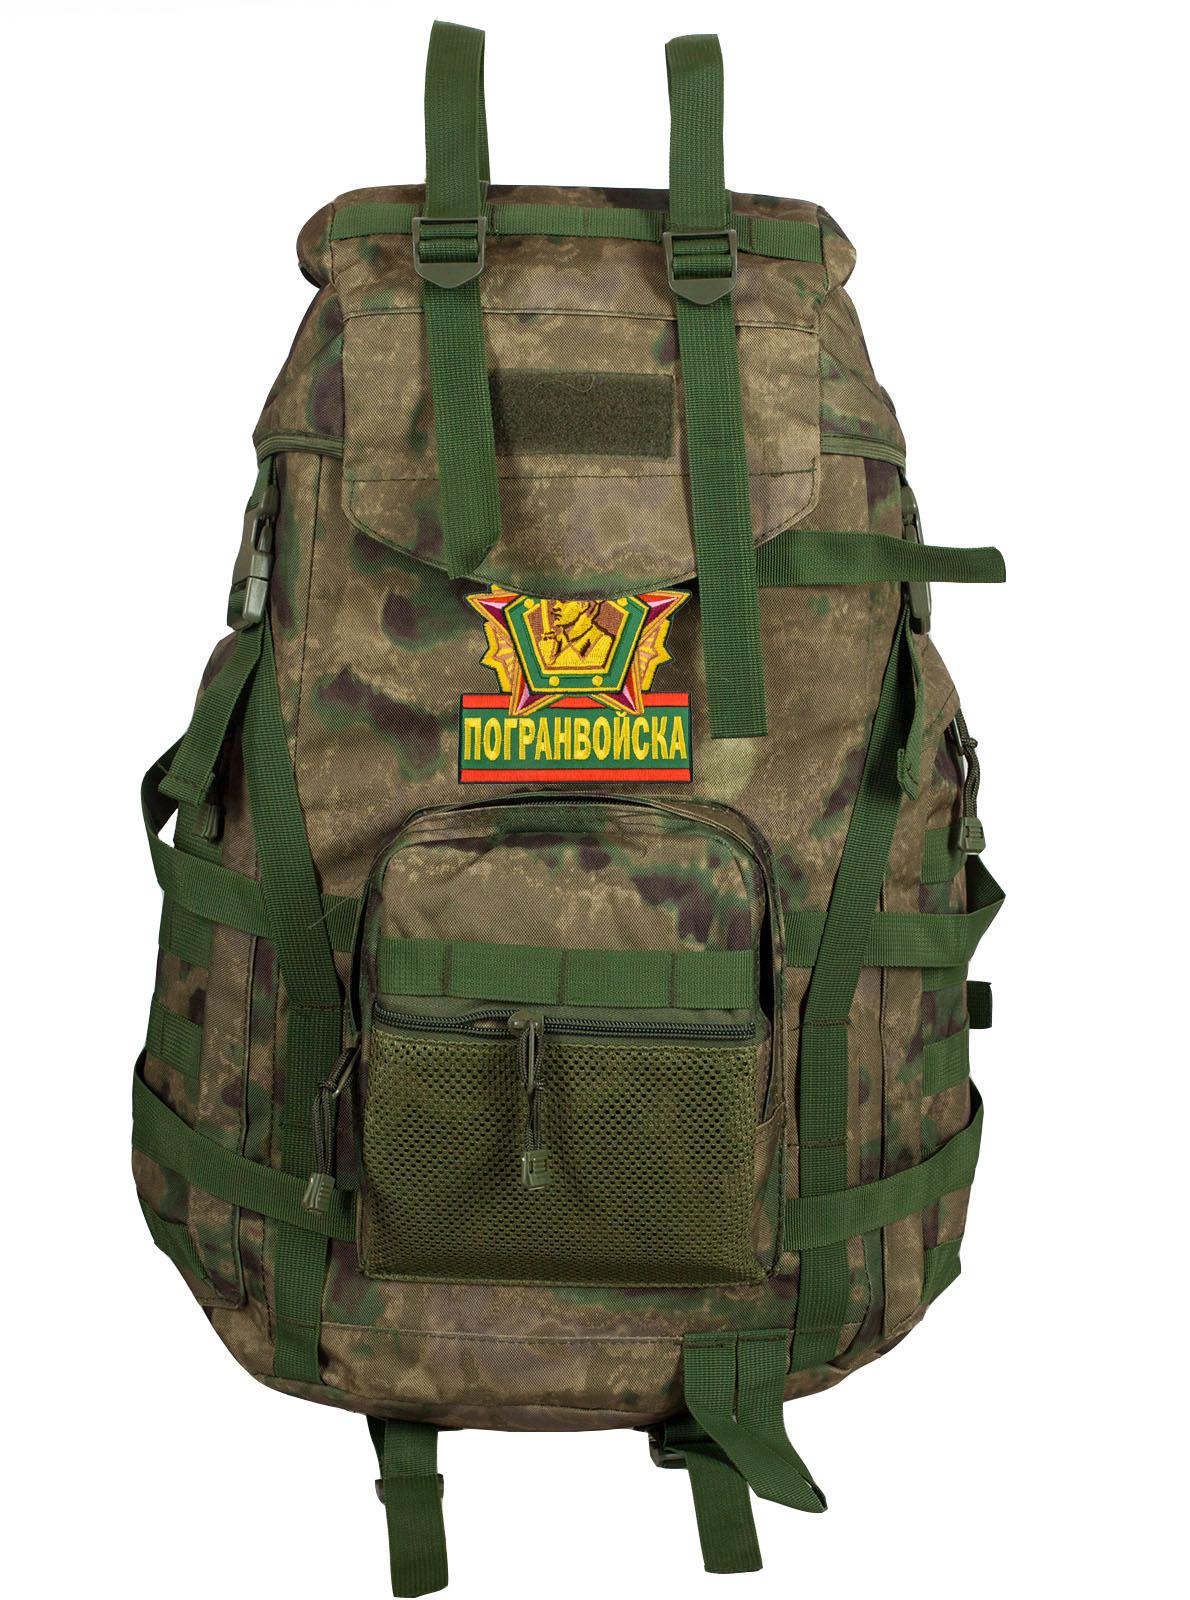 Рейдовый заплечный рюкзак MultiCam A-TACS FG Погранвойска - купить с доставкой